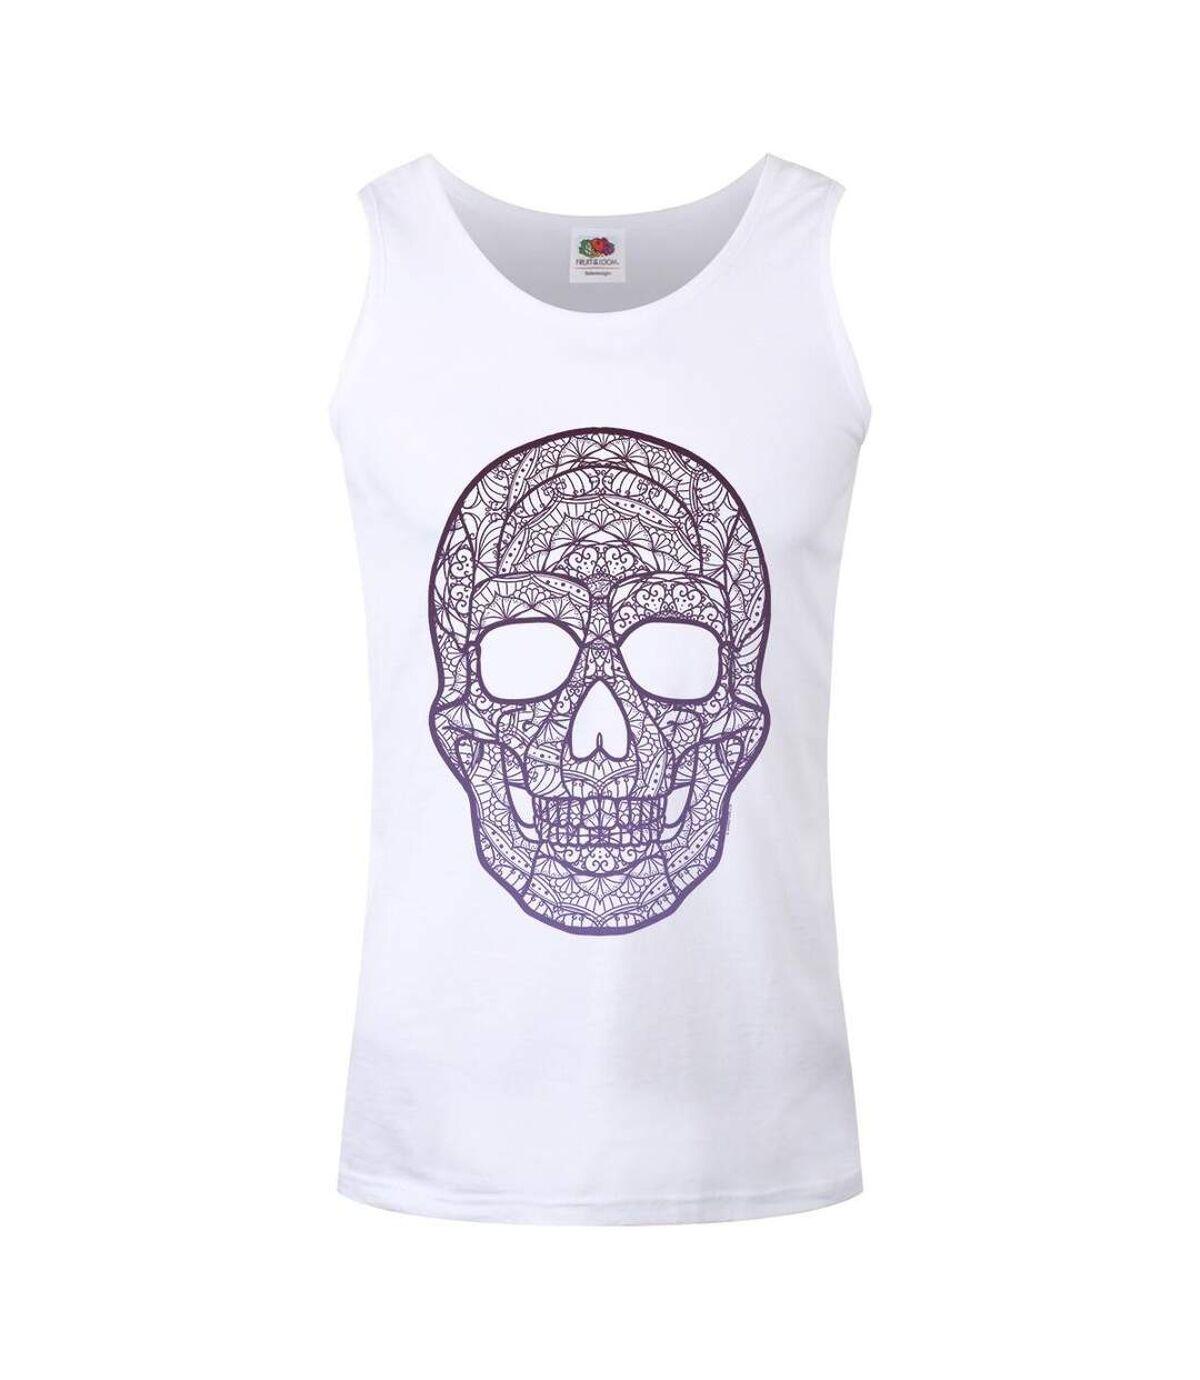 Grindstore Mens Pictoric Skull Vest Top (White) - UTGR2875